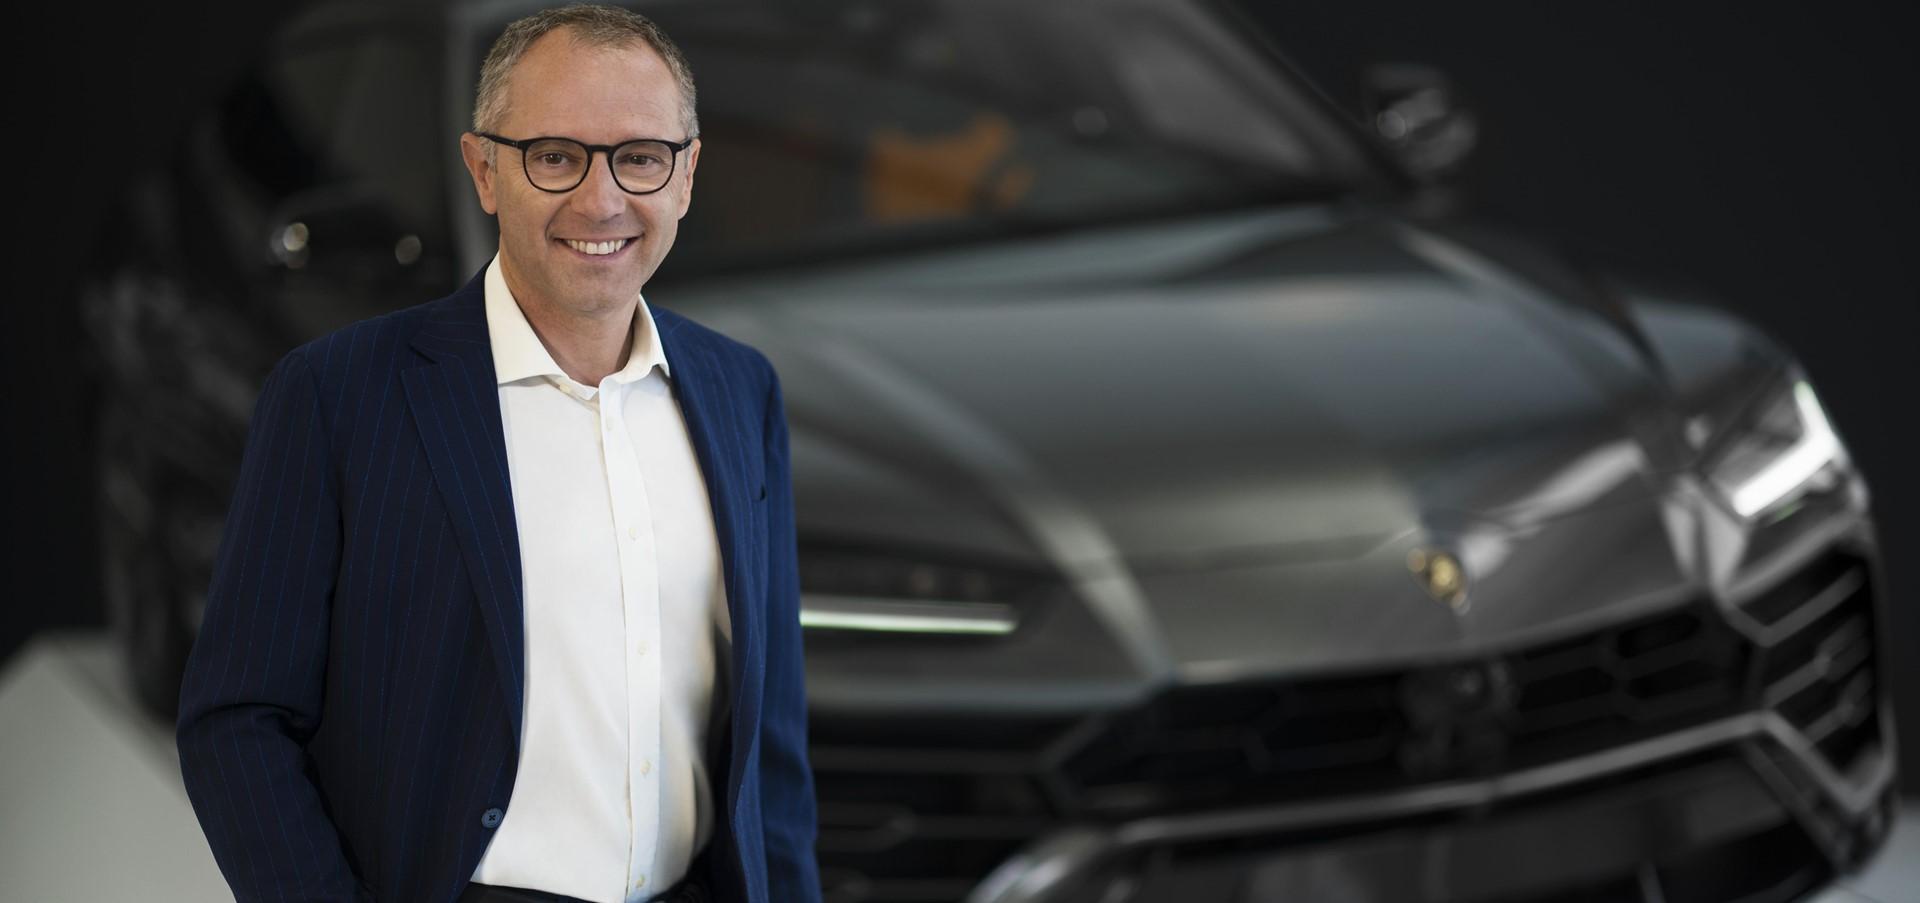 Automobili Lamborghini achieves record figures in Fiscal..